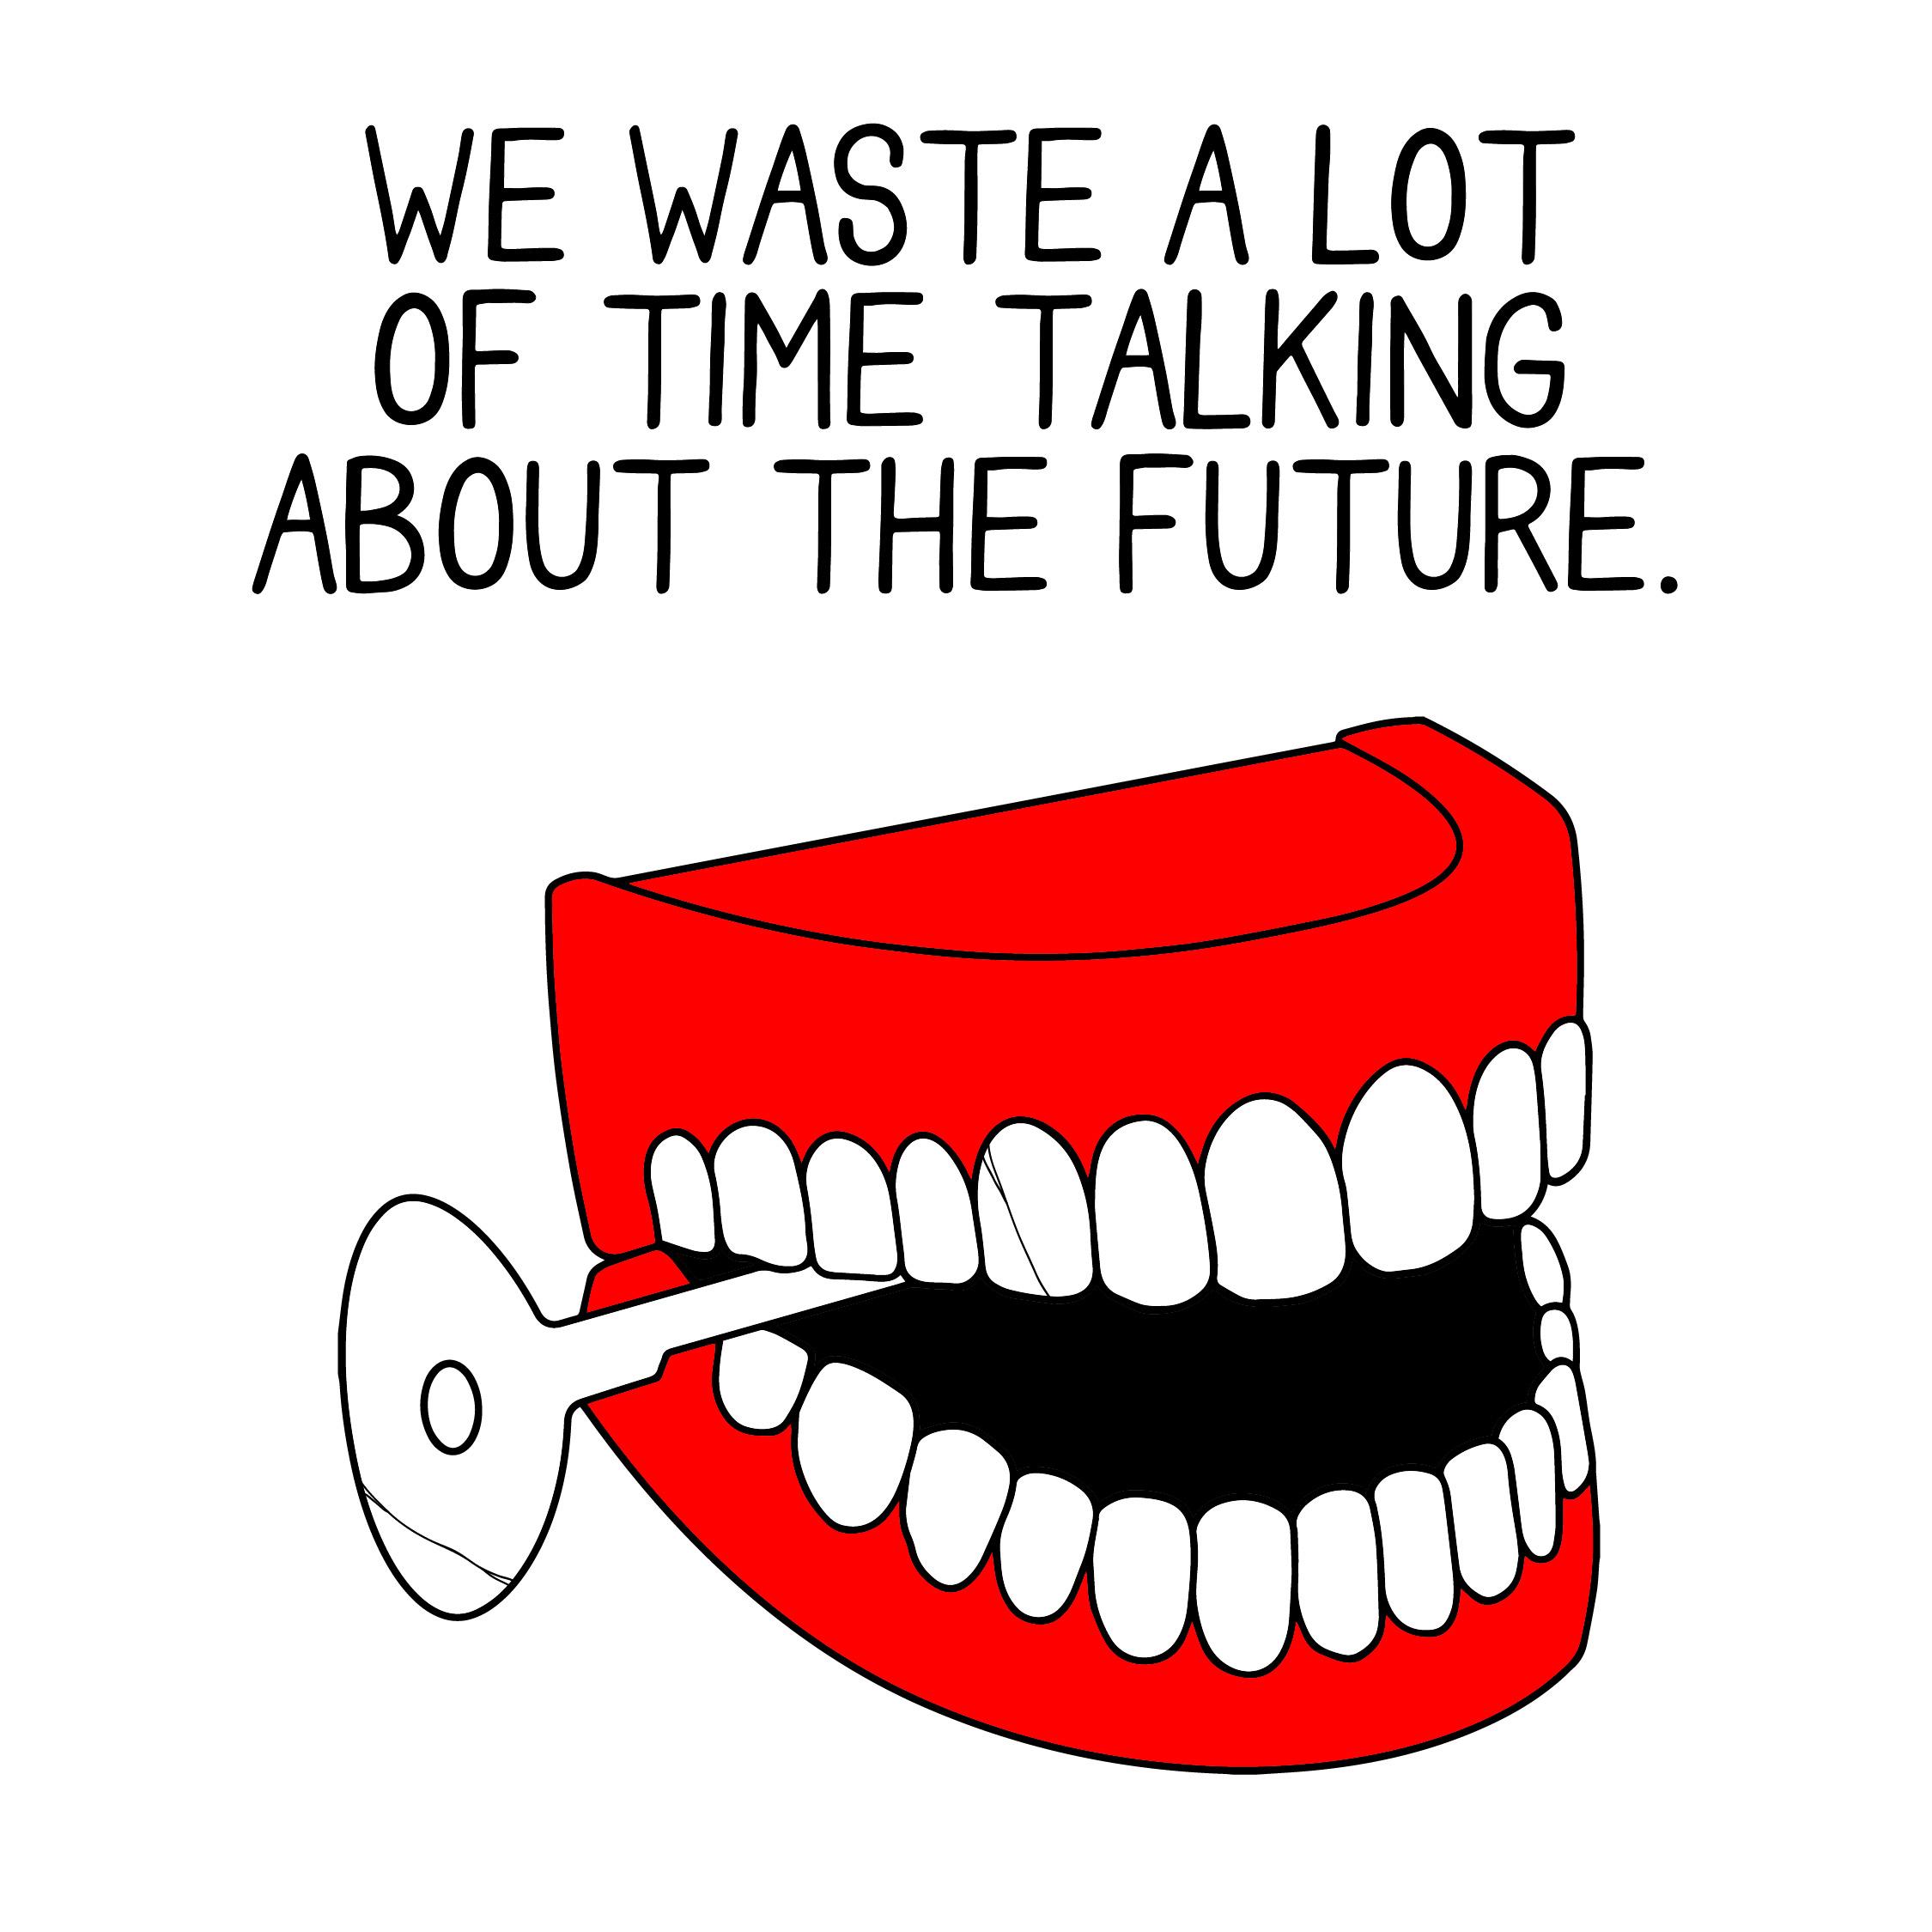 talkingaboutthefuture-01.jpg